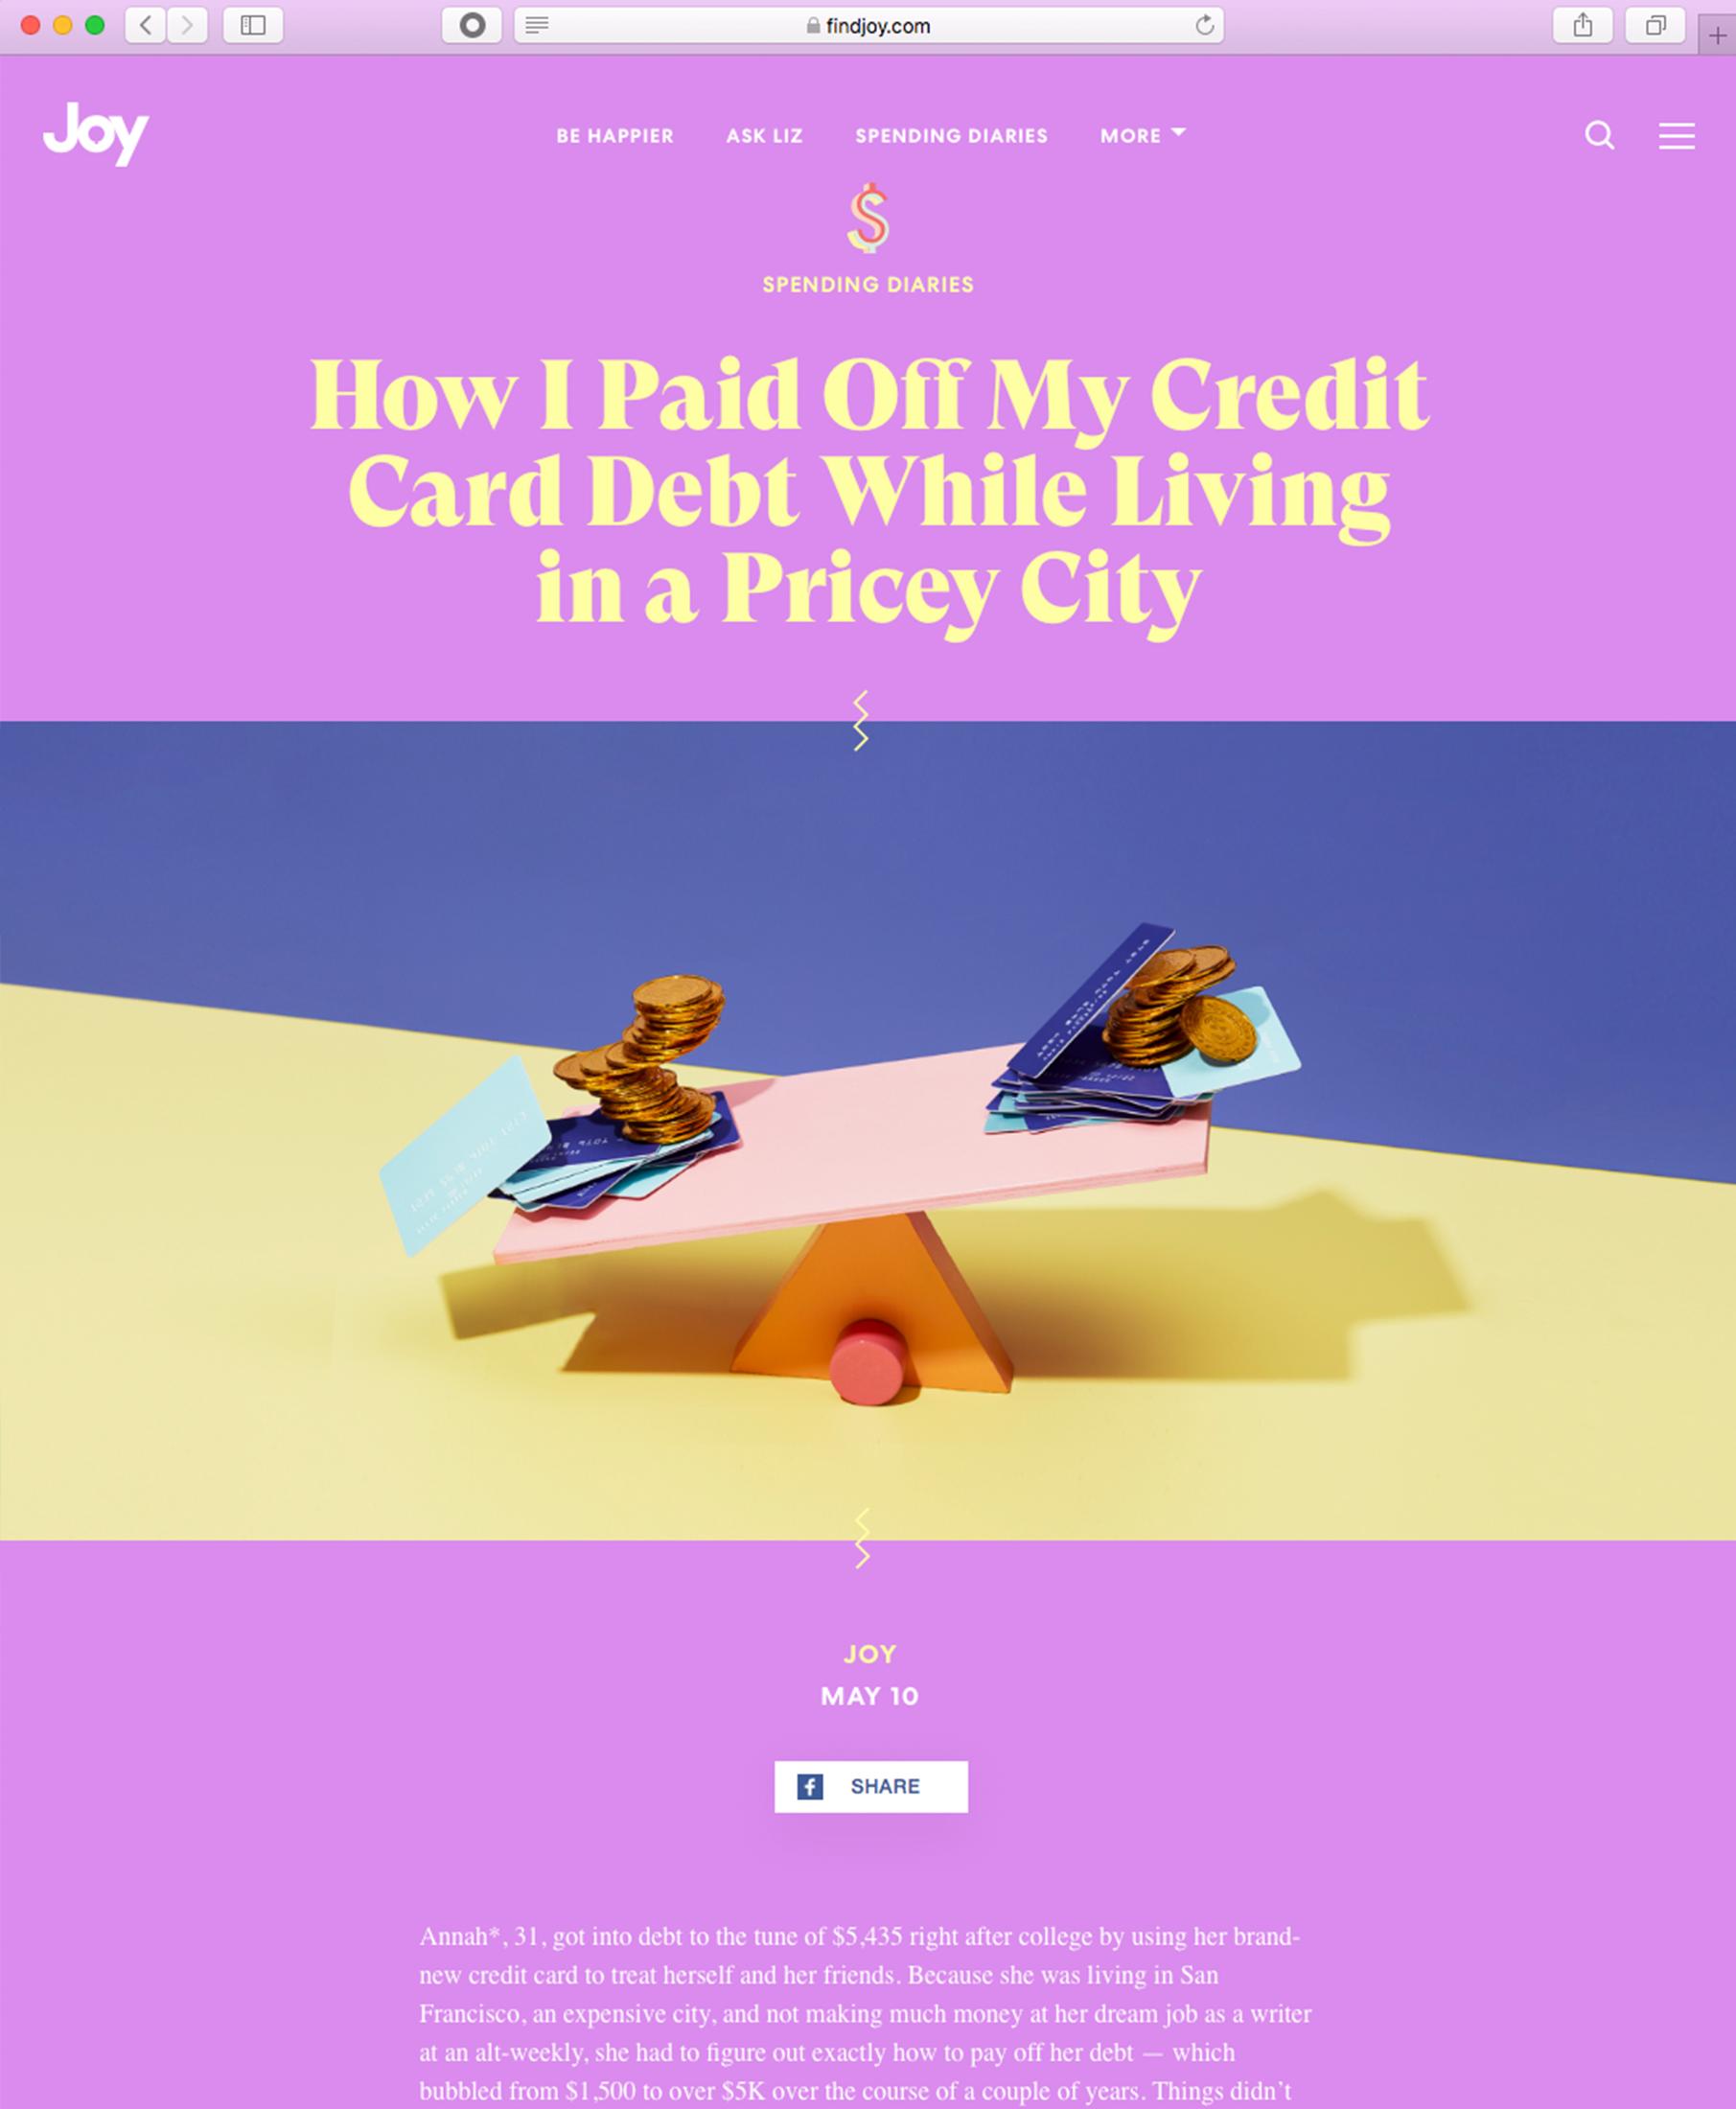 Find-Joy-pay-off-debt.png